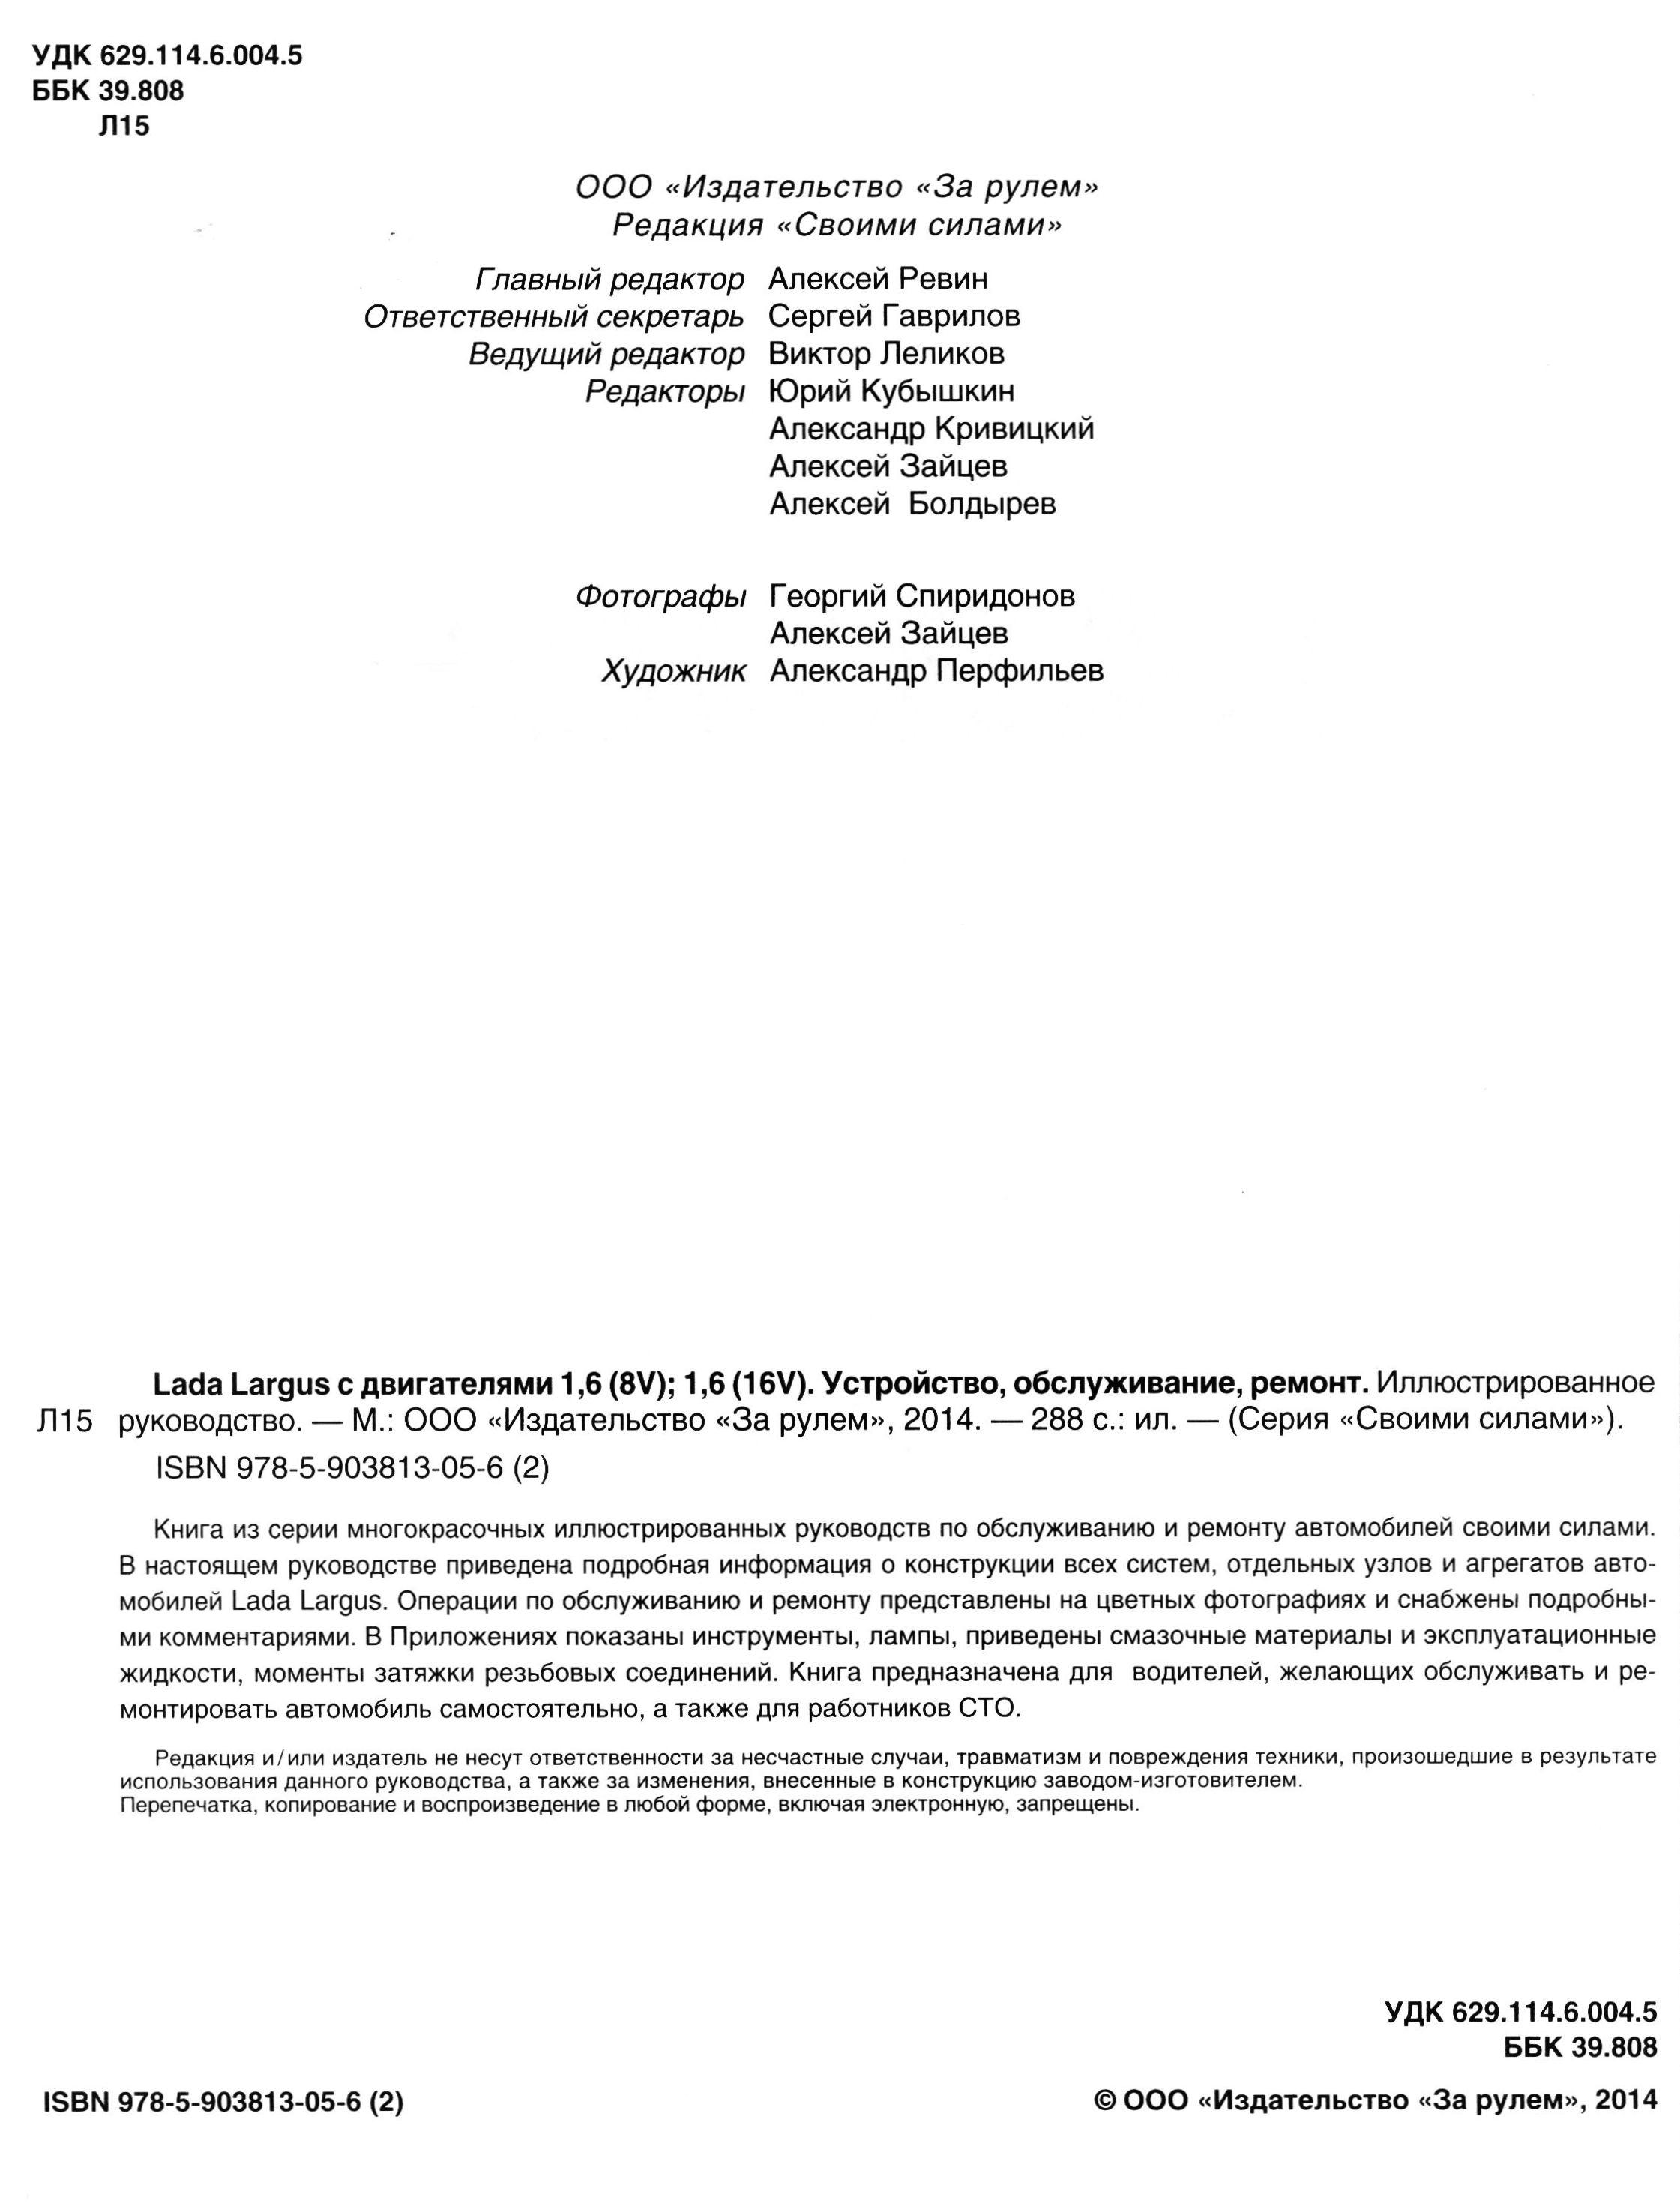 руководство по ремонту тойота королла 2013 скачать бесплатно